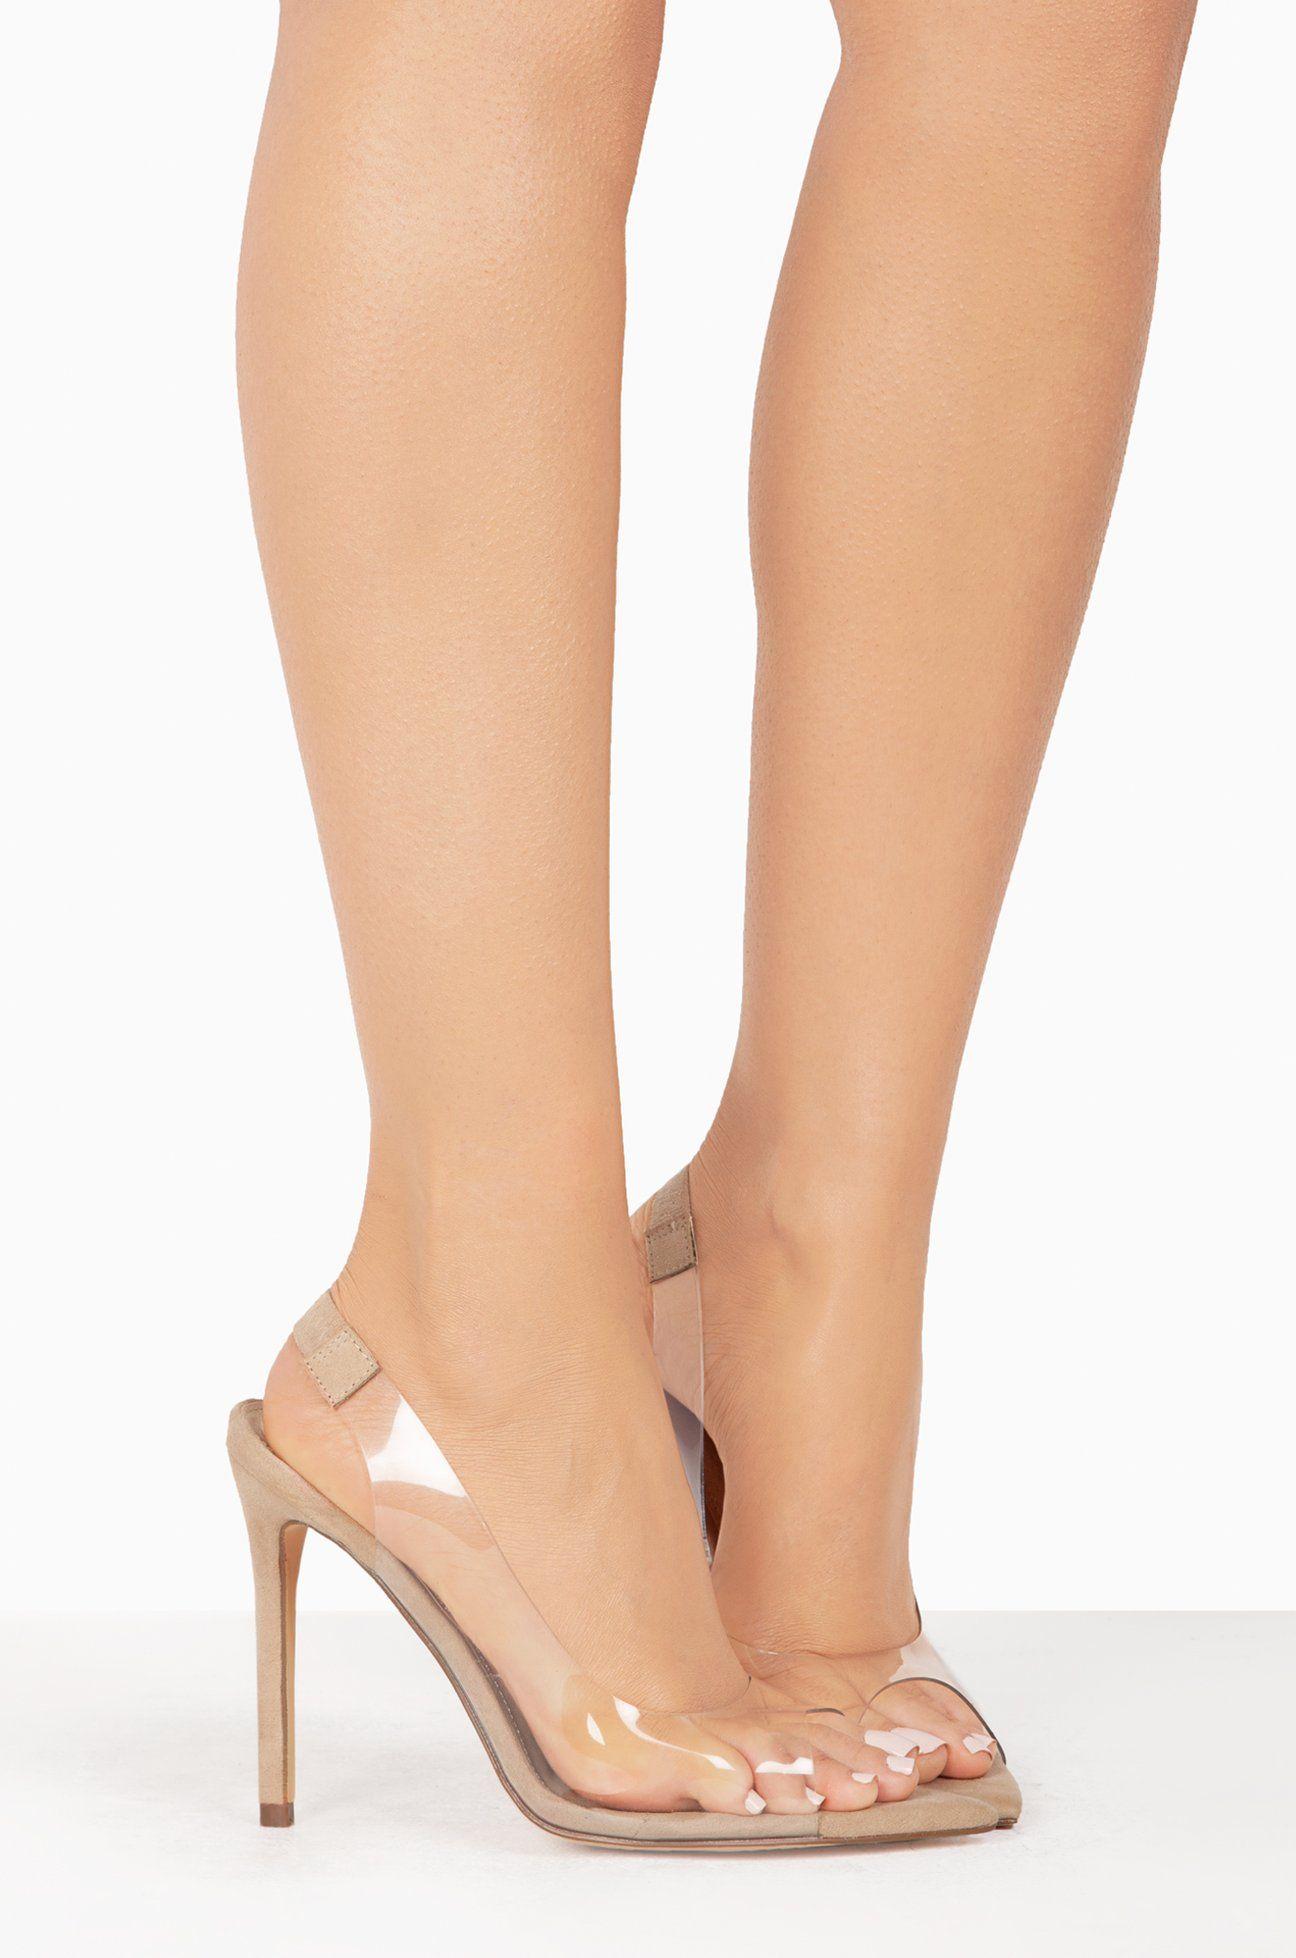 Rockstudded Valentinos. en 2020 | Zapatos mujer, Calzado